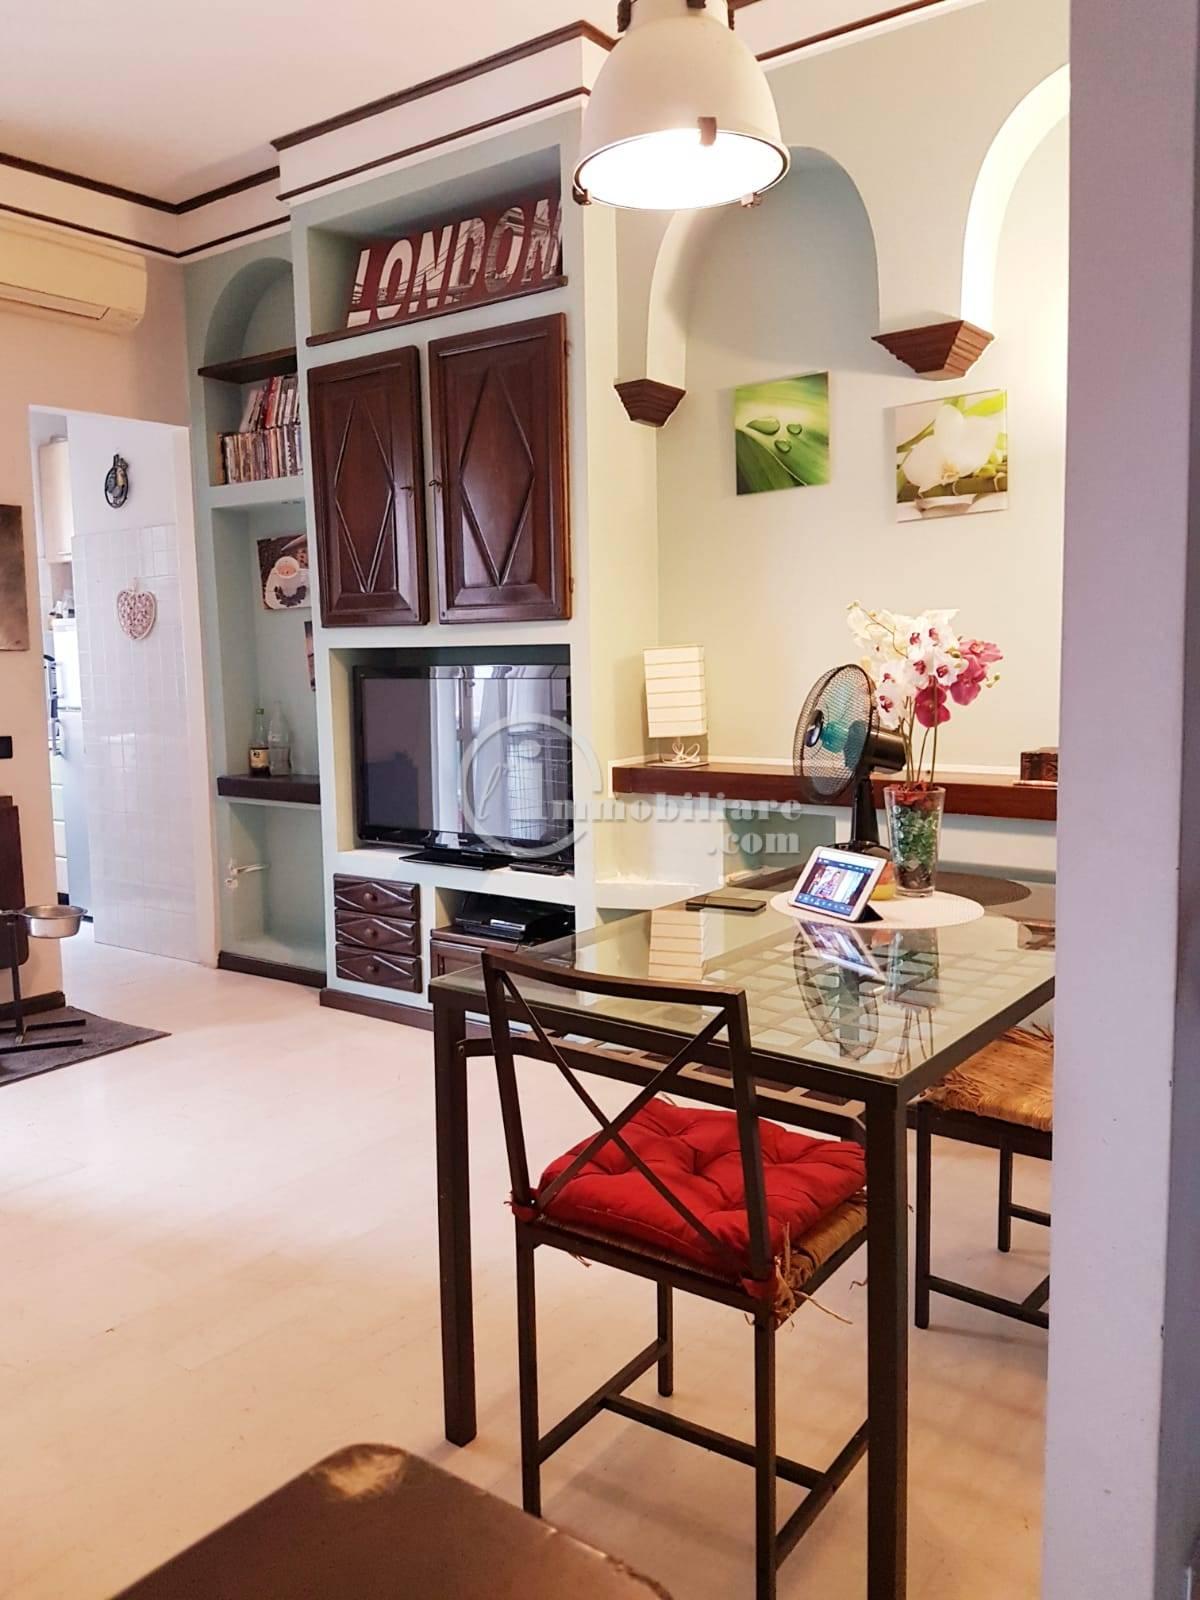 Agenzie Immobiliari Corsico 135-c288 - appartamento in vendita a corsico - l'immobiliare